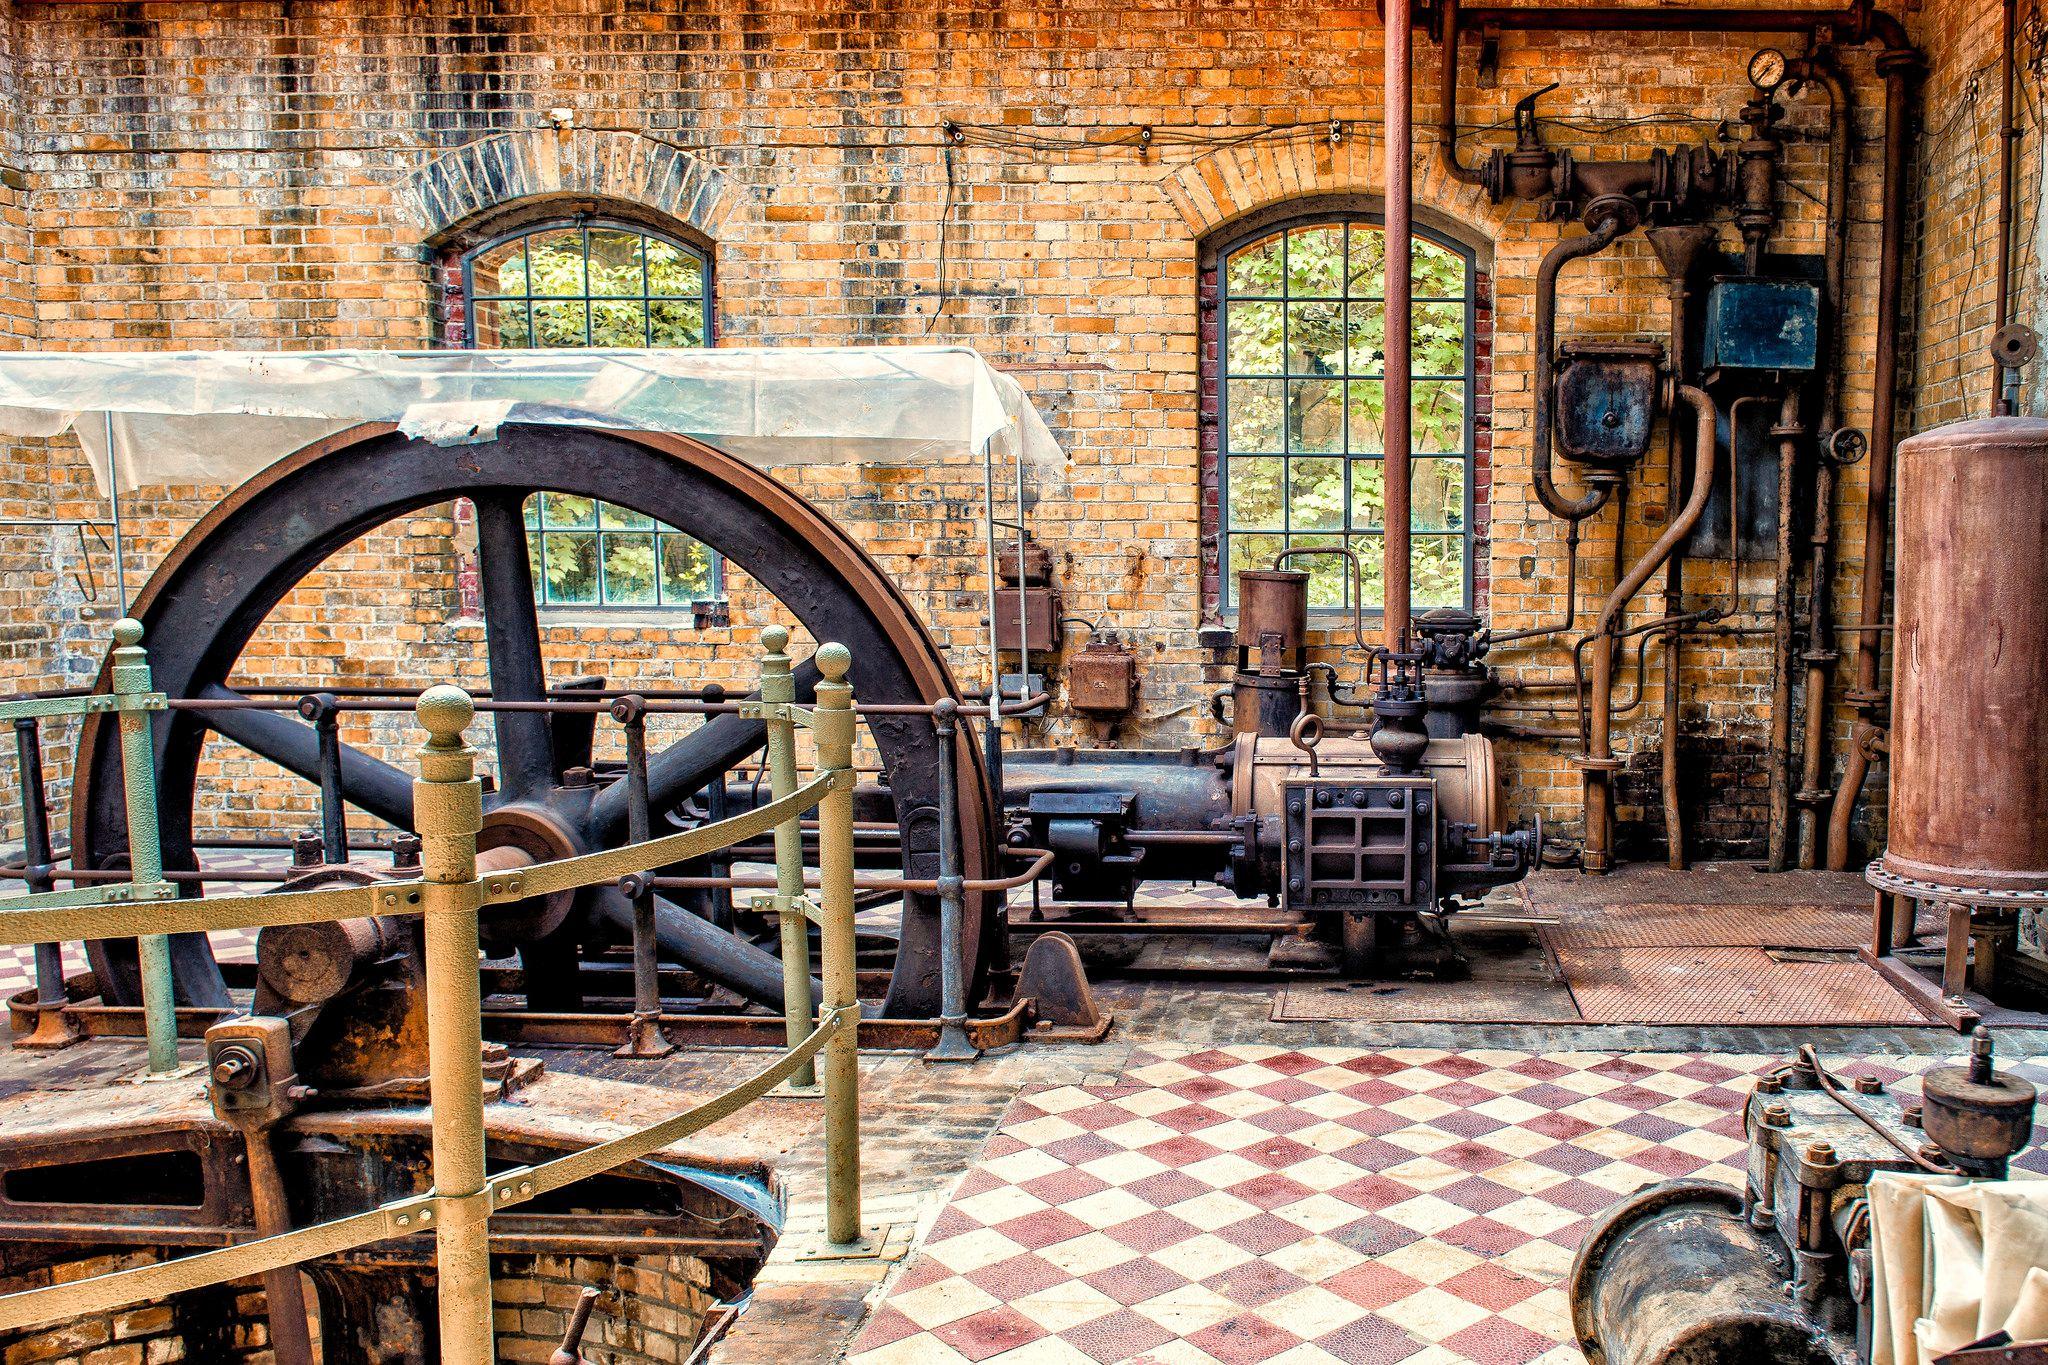 Pump Station near Beelitz Heilstätten Men's Sanitarium Brandenburg (Germany) [2048x1365] [OS]